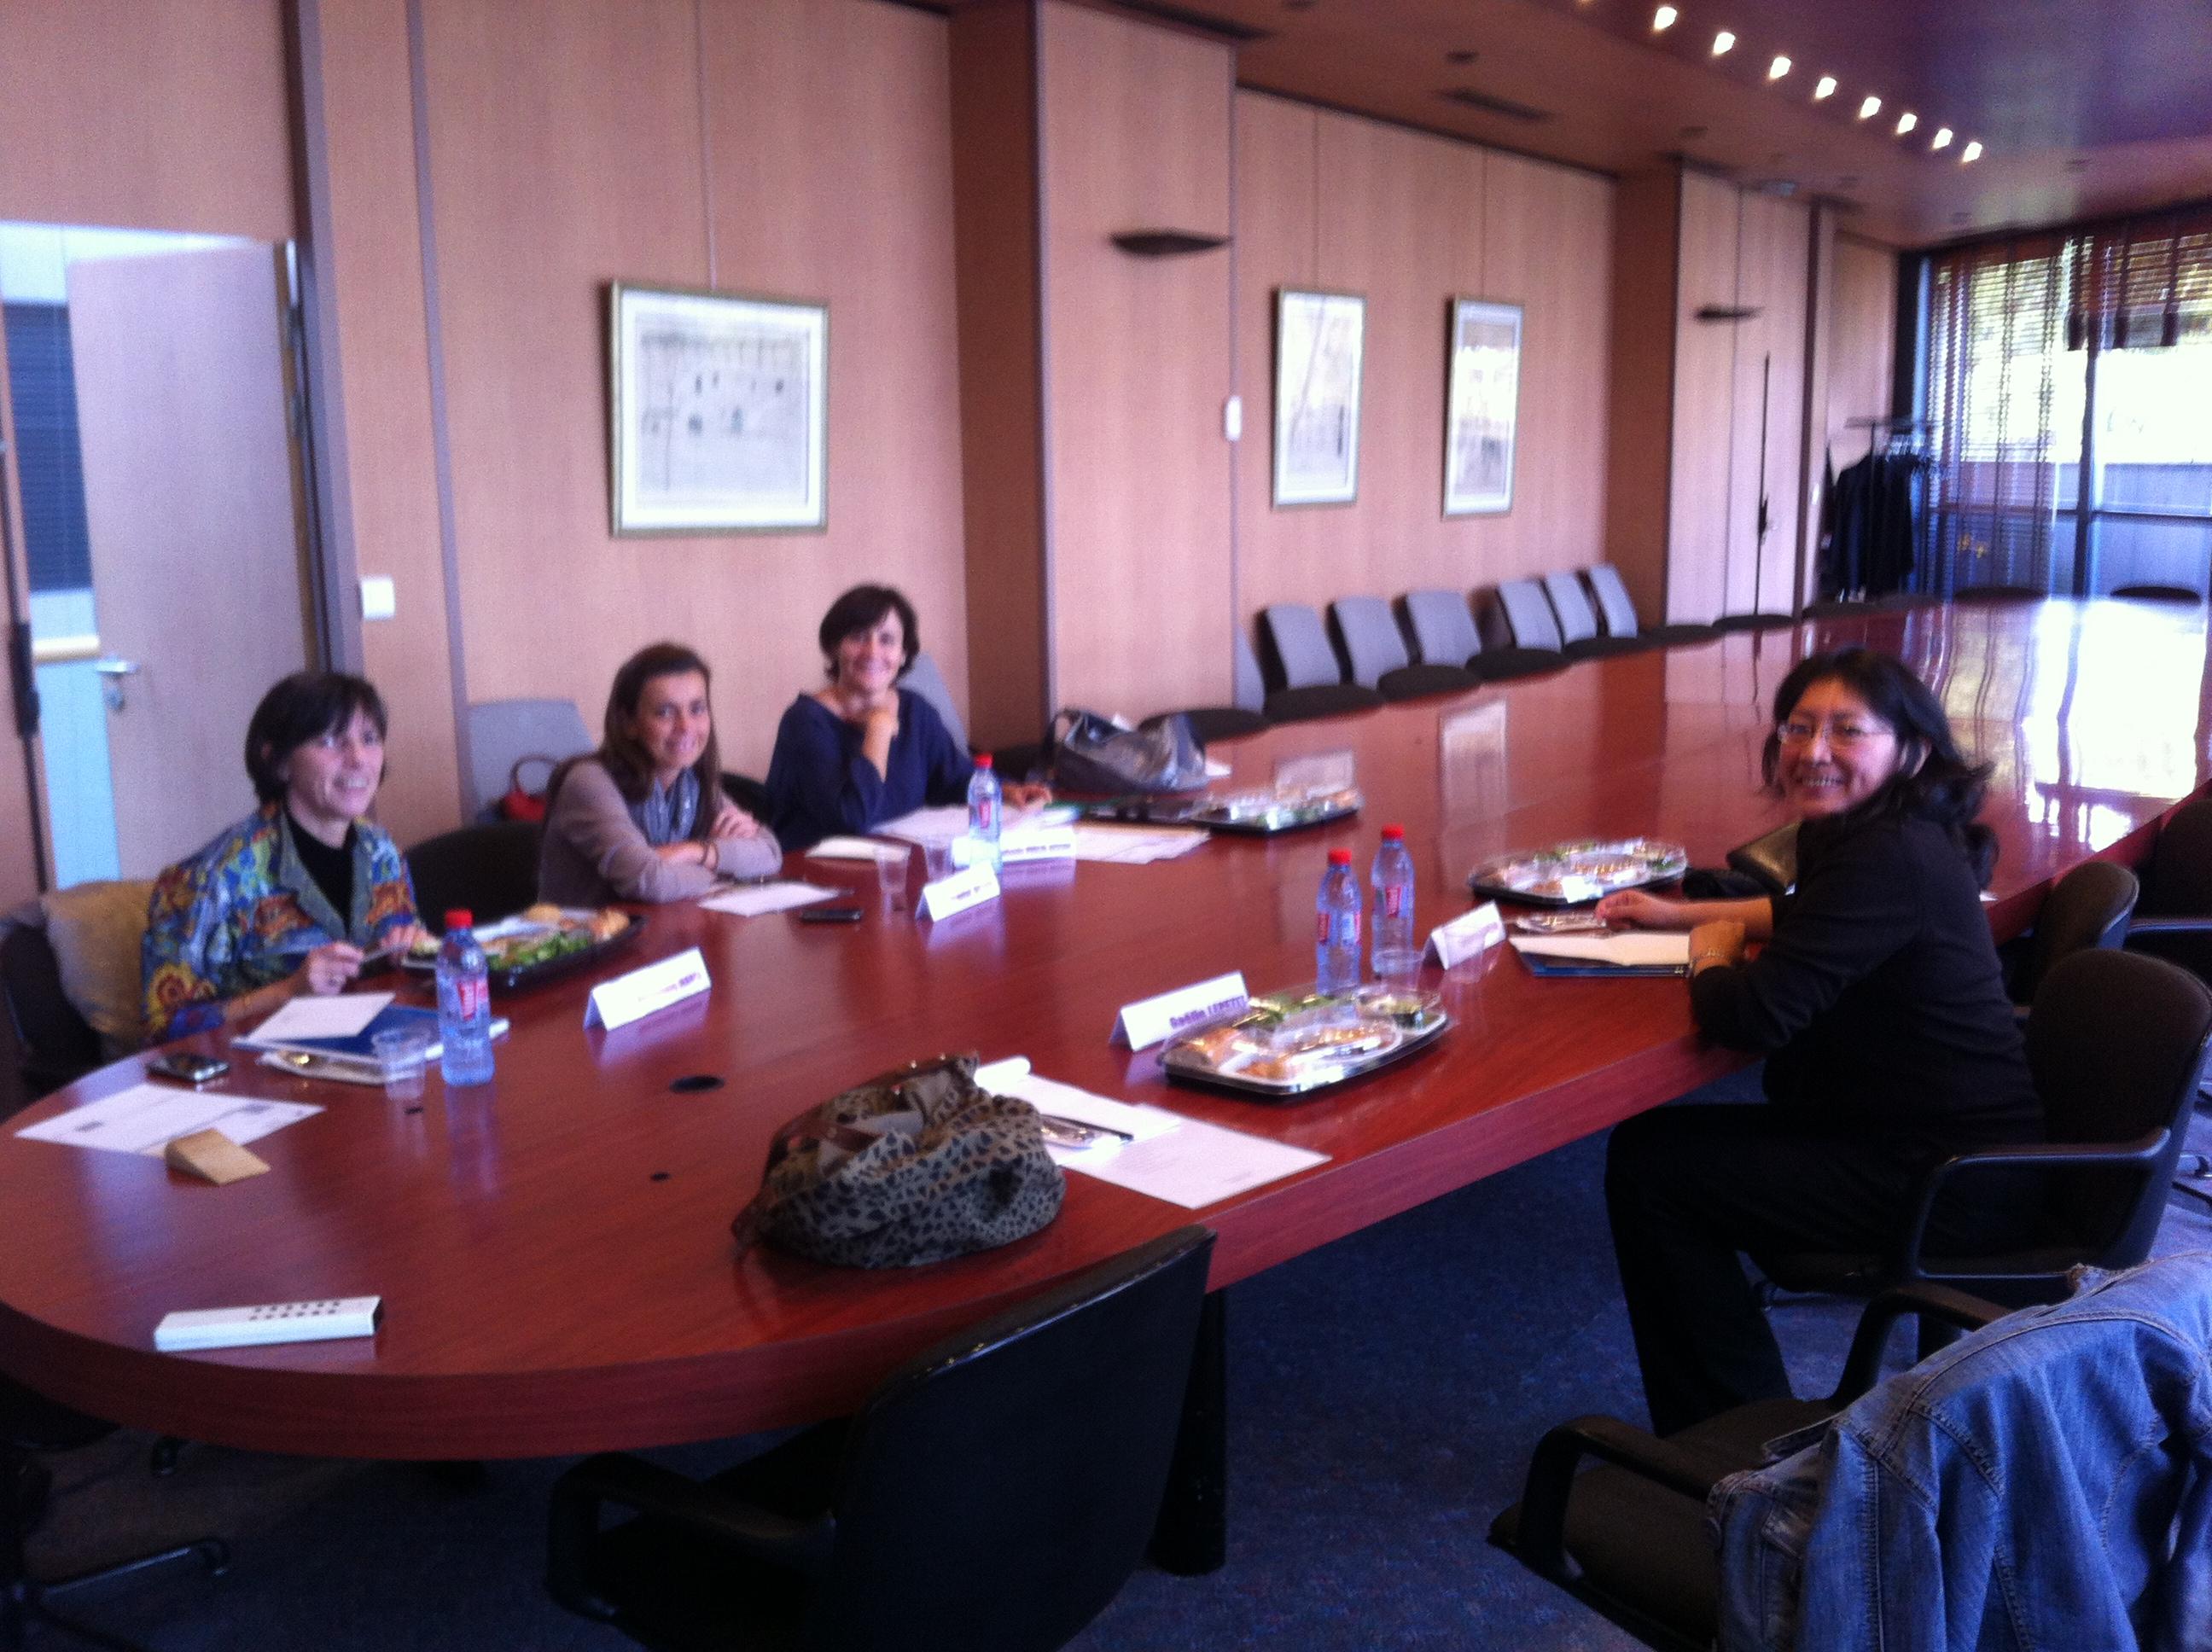 Tous les membres de la Commission n'étaient pas présents, voivi néanmoins, de g. à droite : Véronique Marol, Chantal Quesne, Stéphanie Hublin-Besson et Carmen Zelada.